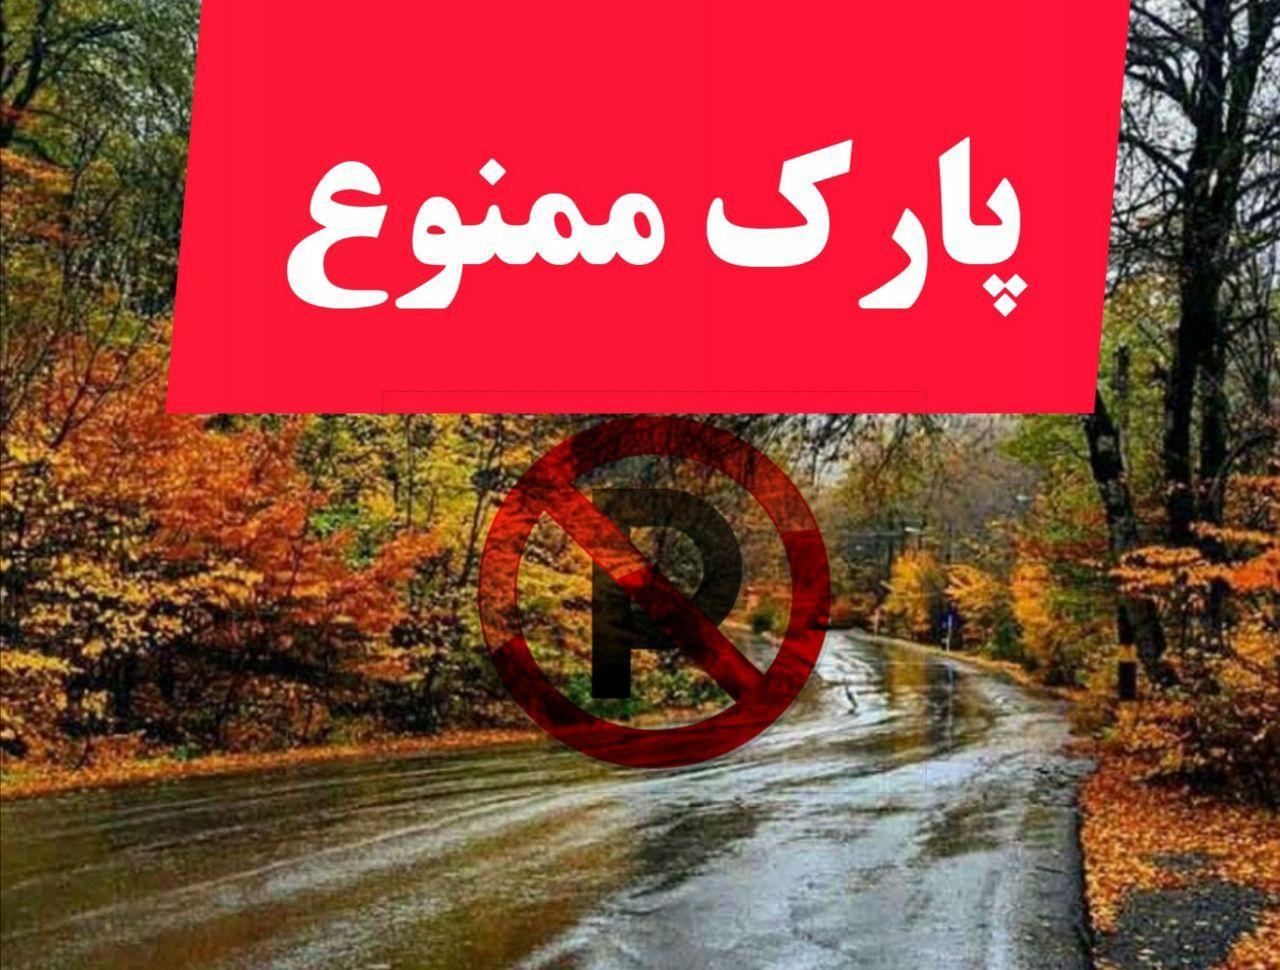 توقف در شهرک سروش جنگل ممنوع شد/ خودروهای پارک شده مشمول جریمه و به پارکینگ منتقل میشوند